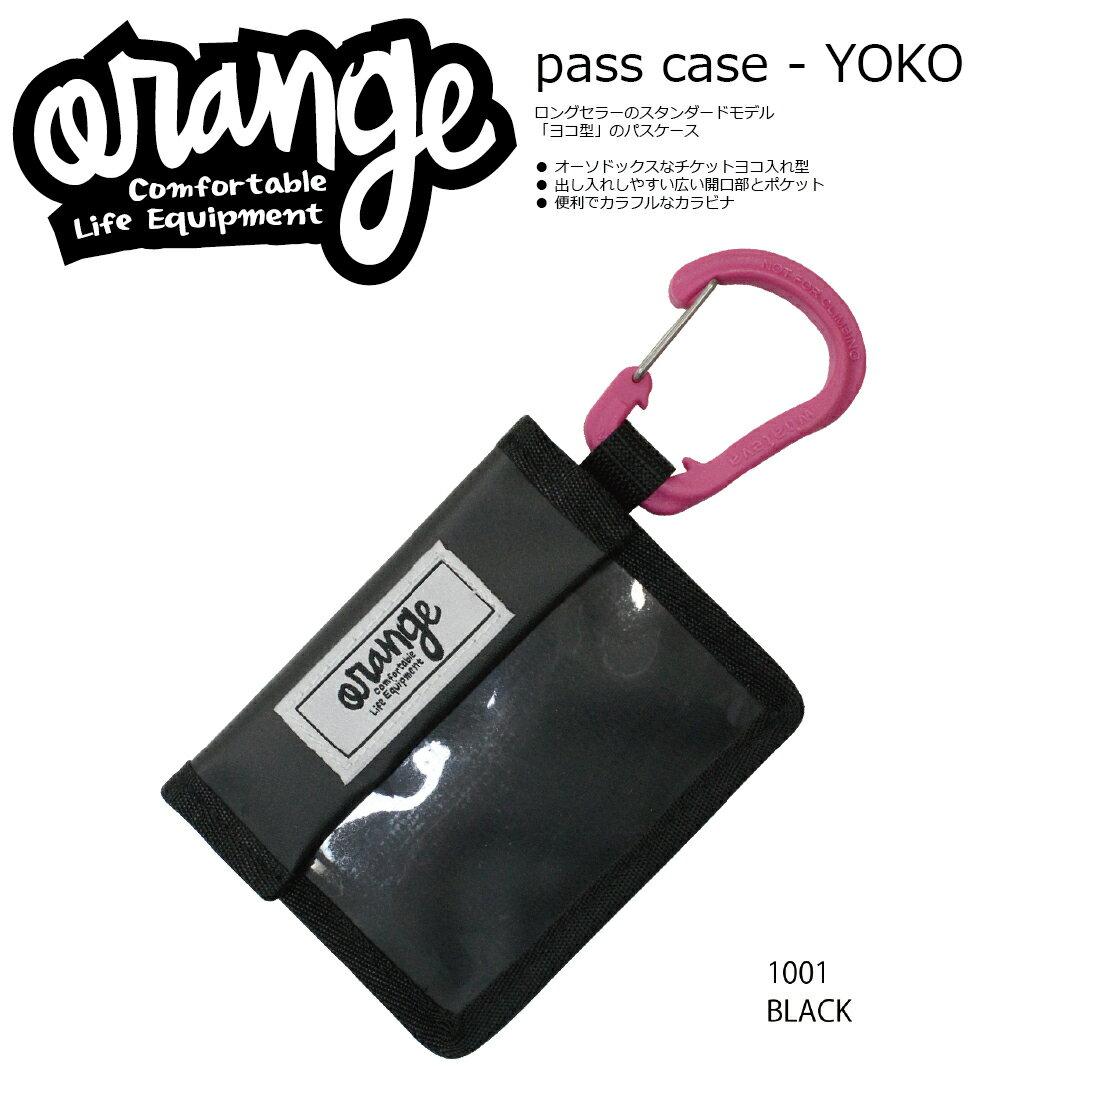 Oran'ge Pass-Case YOKO カラビナ付 1001 BLACK オレンジ パスケース 横タイプ ヨコ 収納ポケット付 2017 2017-18